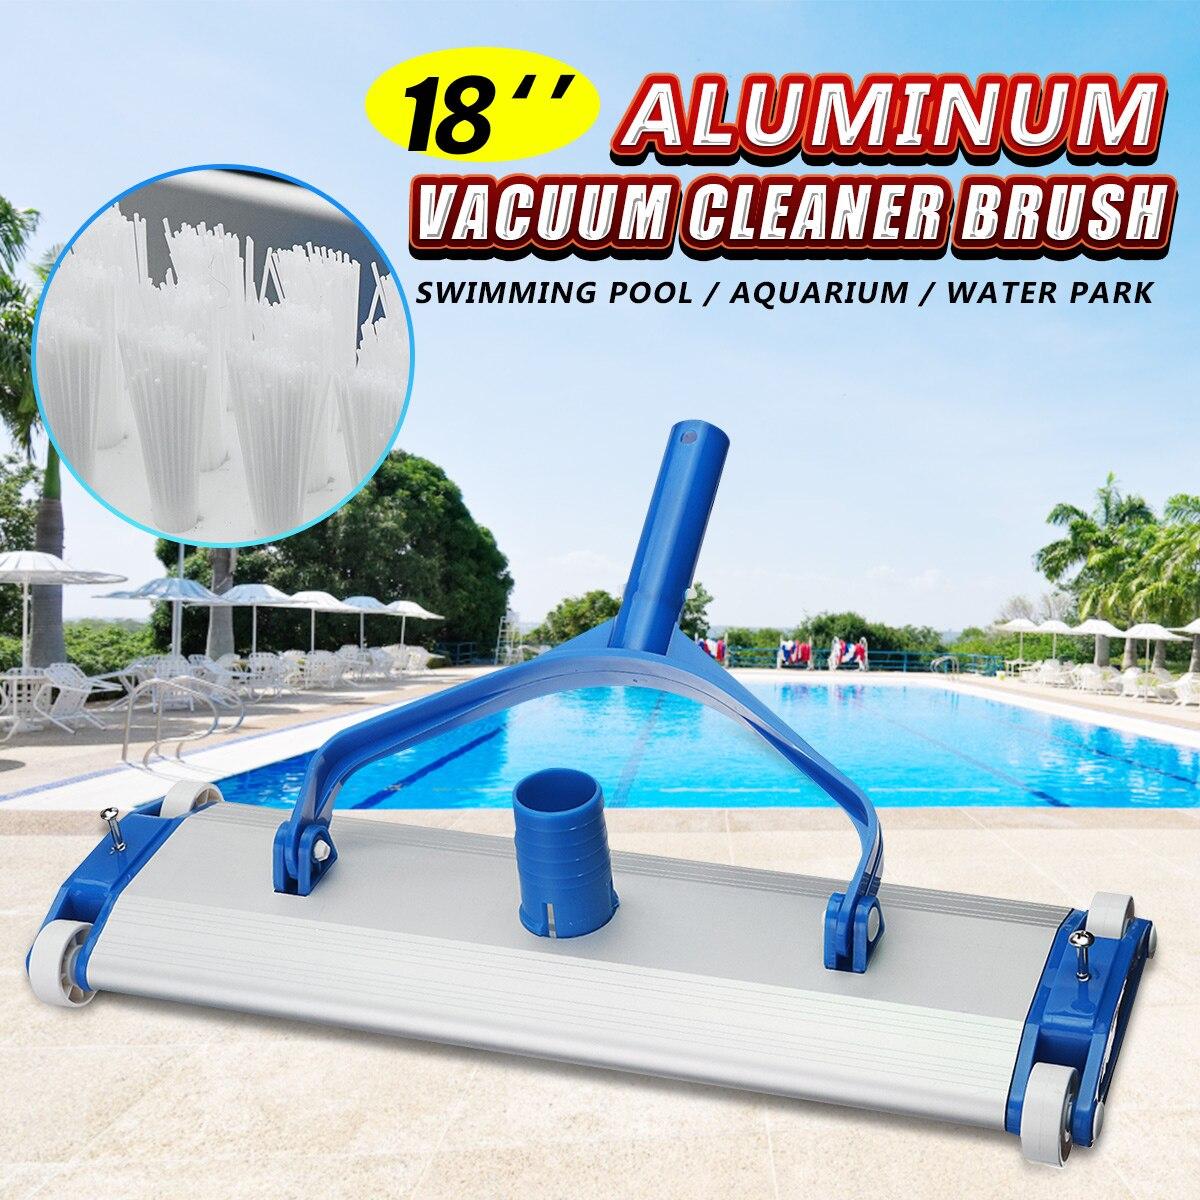 Alliage d'aluminium de luxe 18 ''brosses d'aspirateur de piscine accessoires de piscine brosse de tête d'aspirateur Flexible